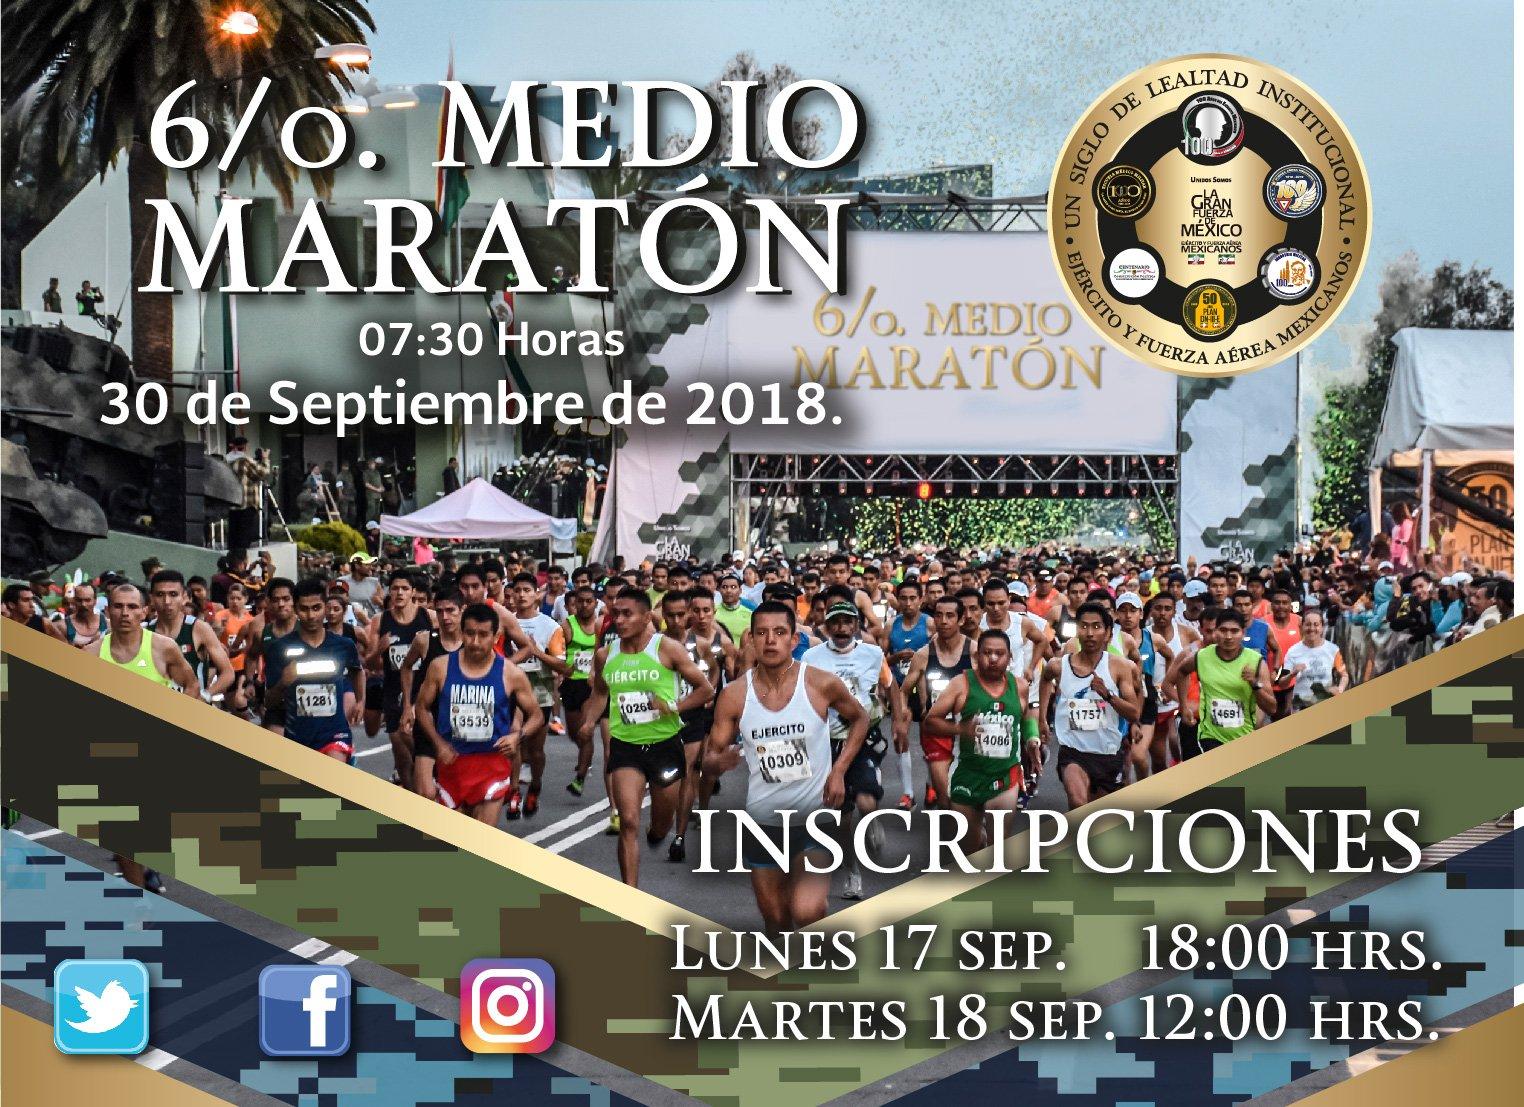 inscripciones medio maraton sedena 2018